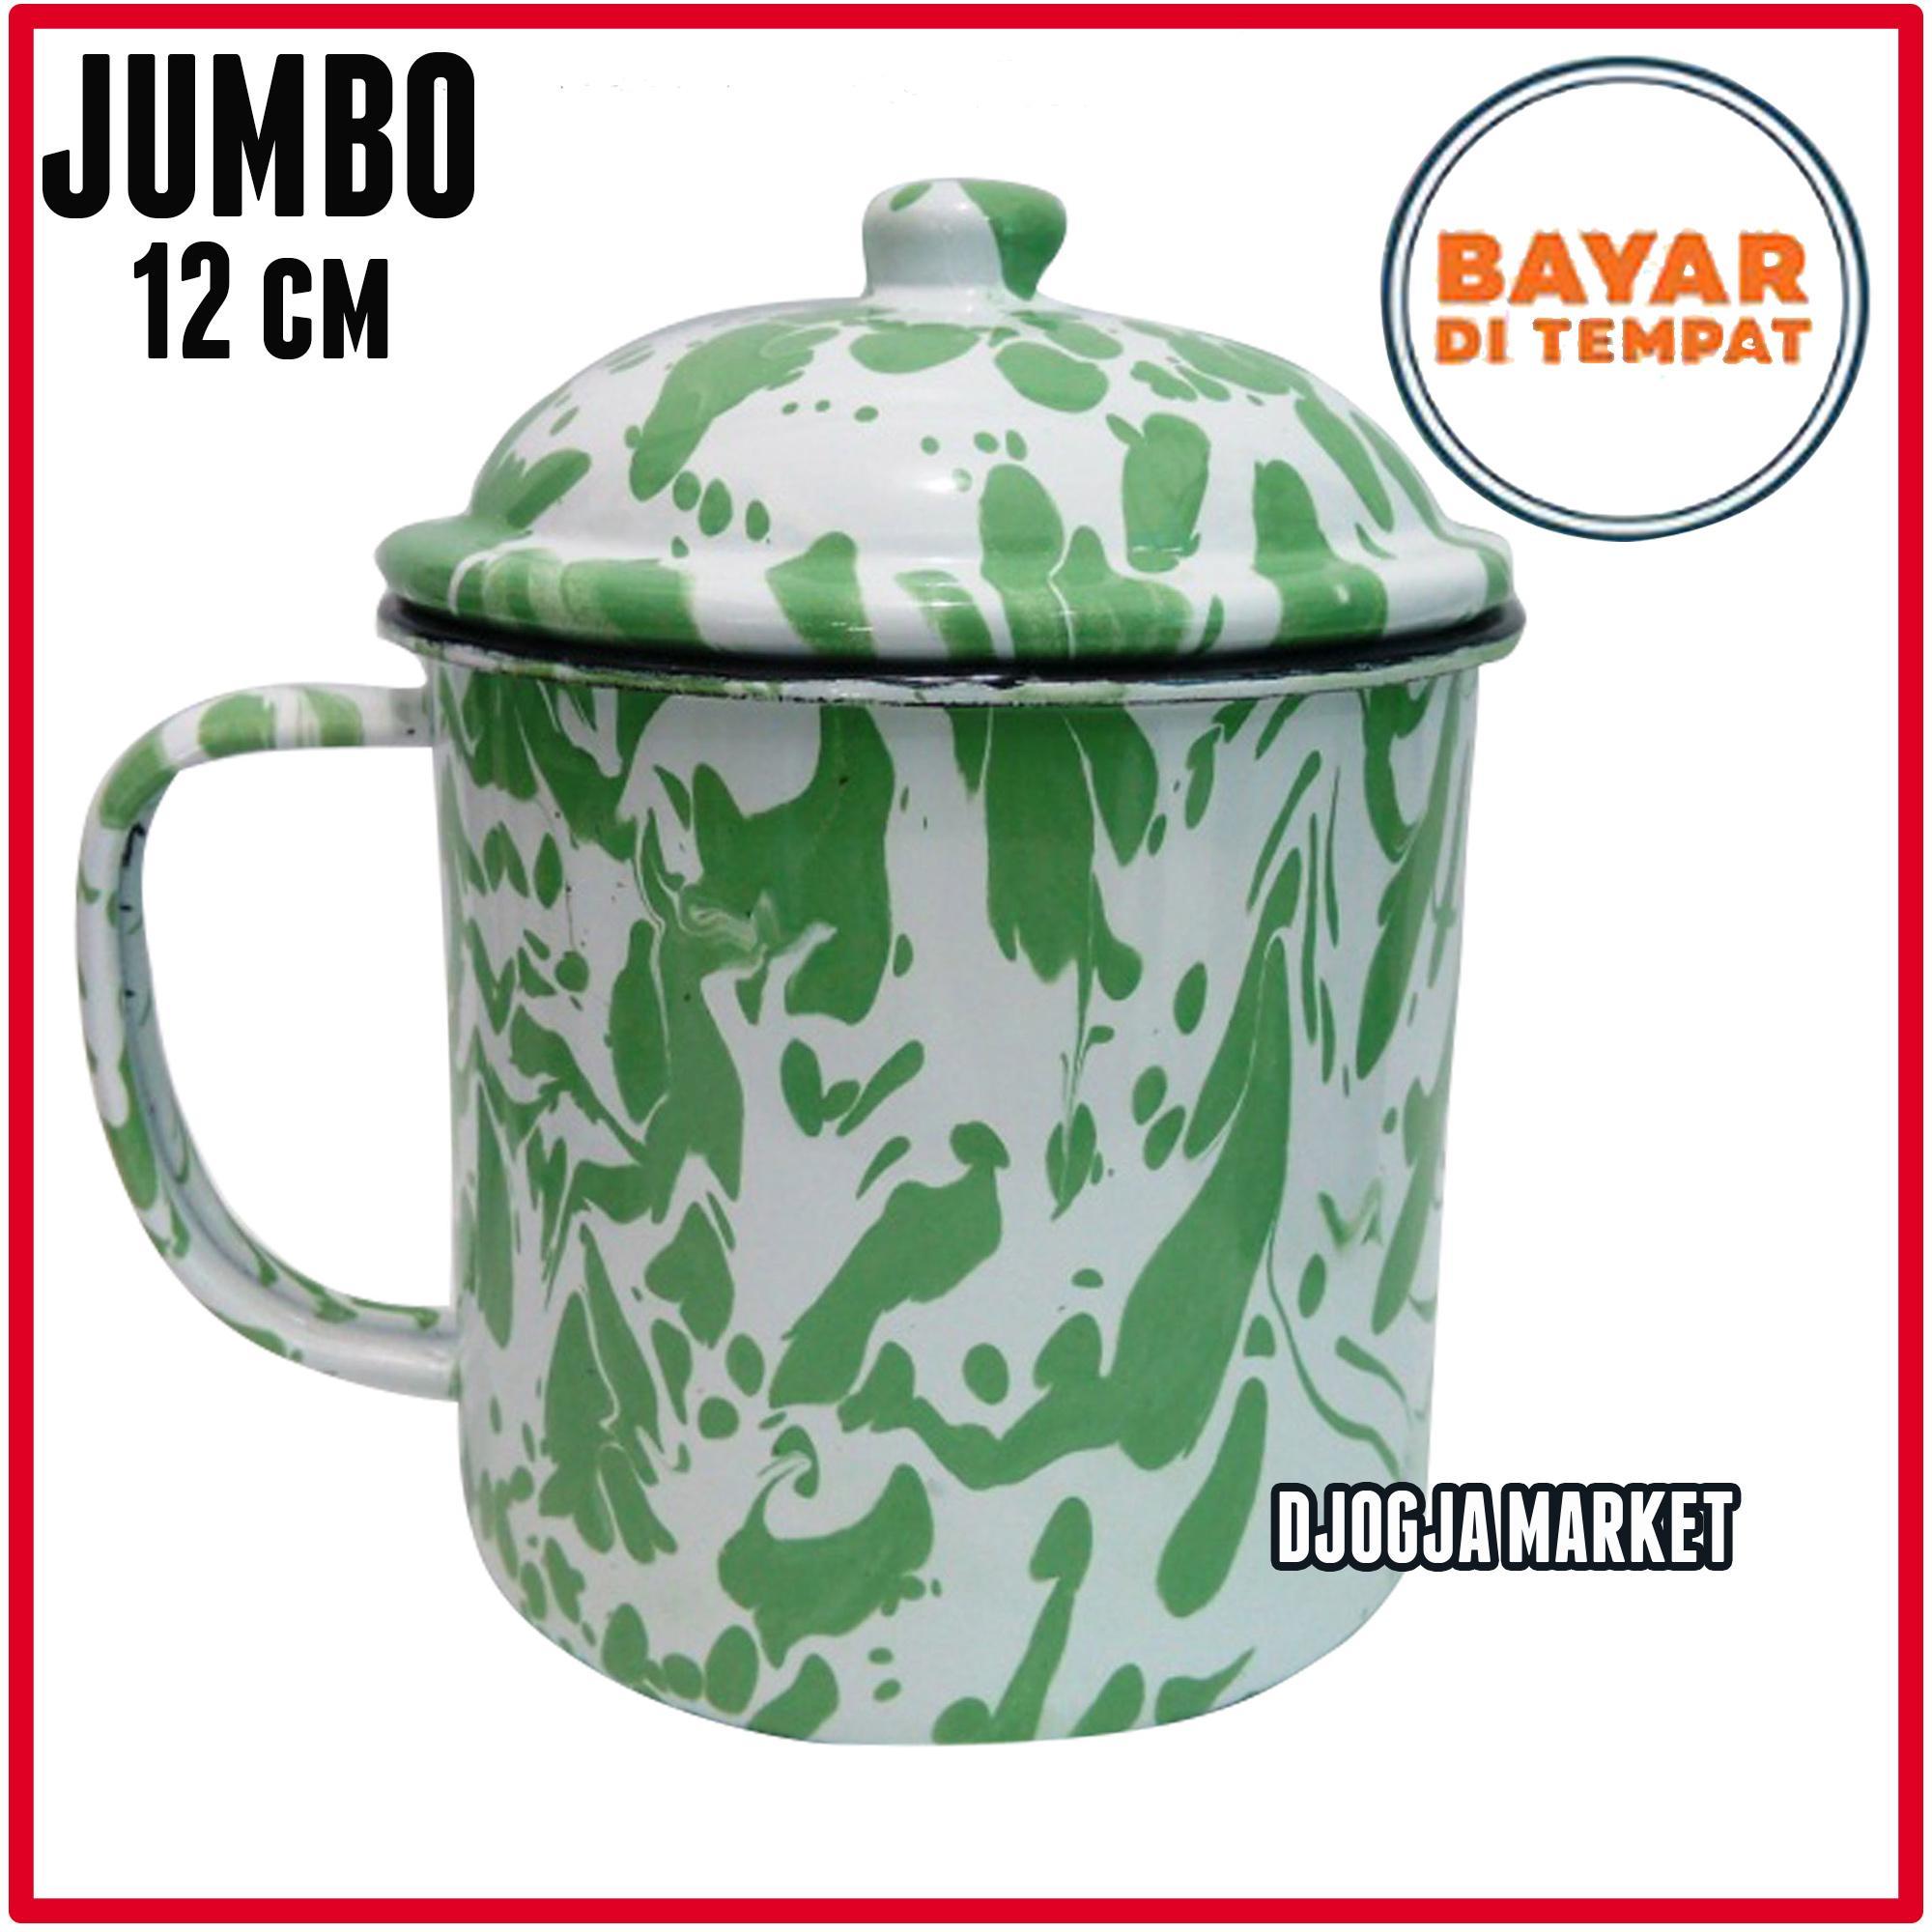 Djogja Market - Gelas Mug Jadul | Mug Blirik | Gelas Blirik enamel 12 cm